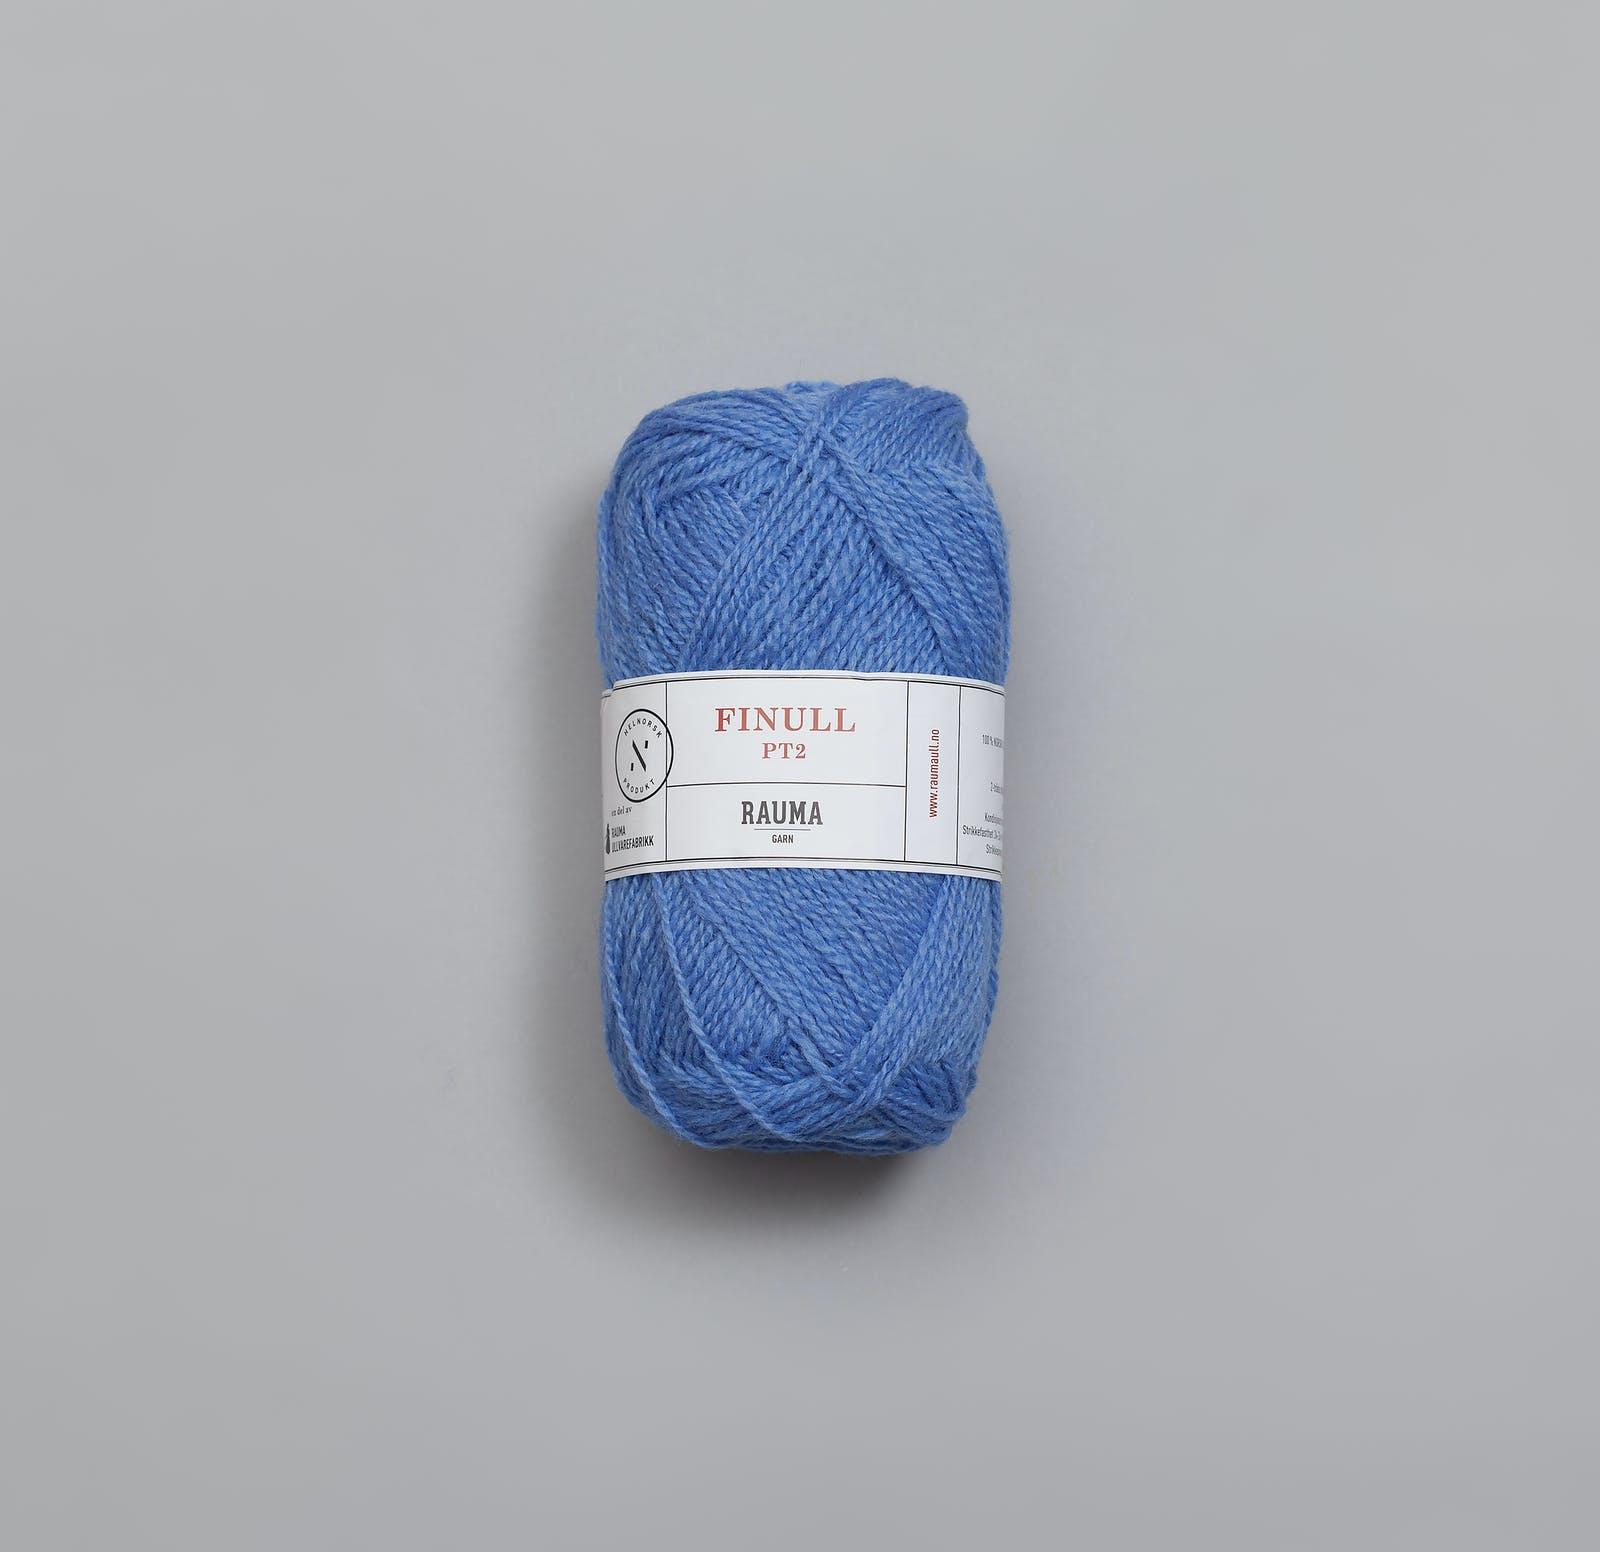 Rauma Finull-PT2-4385